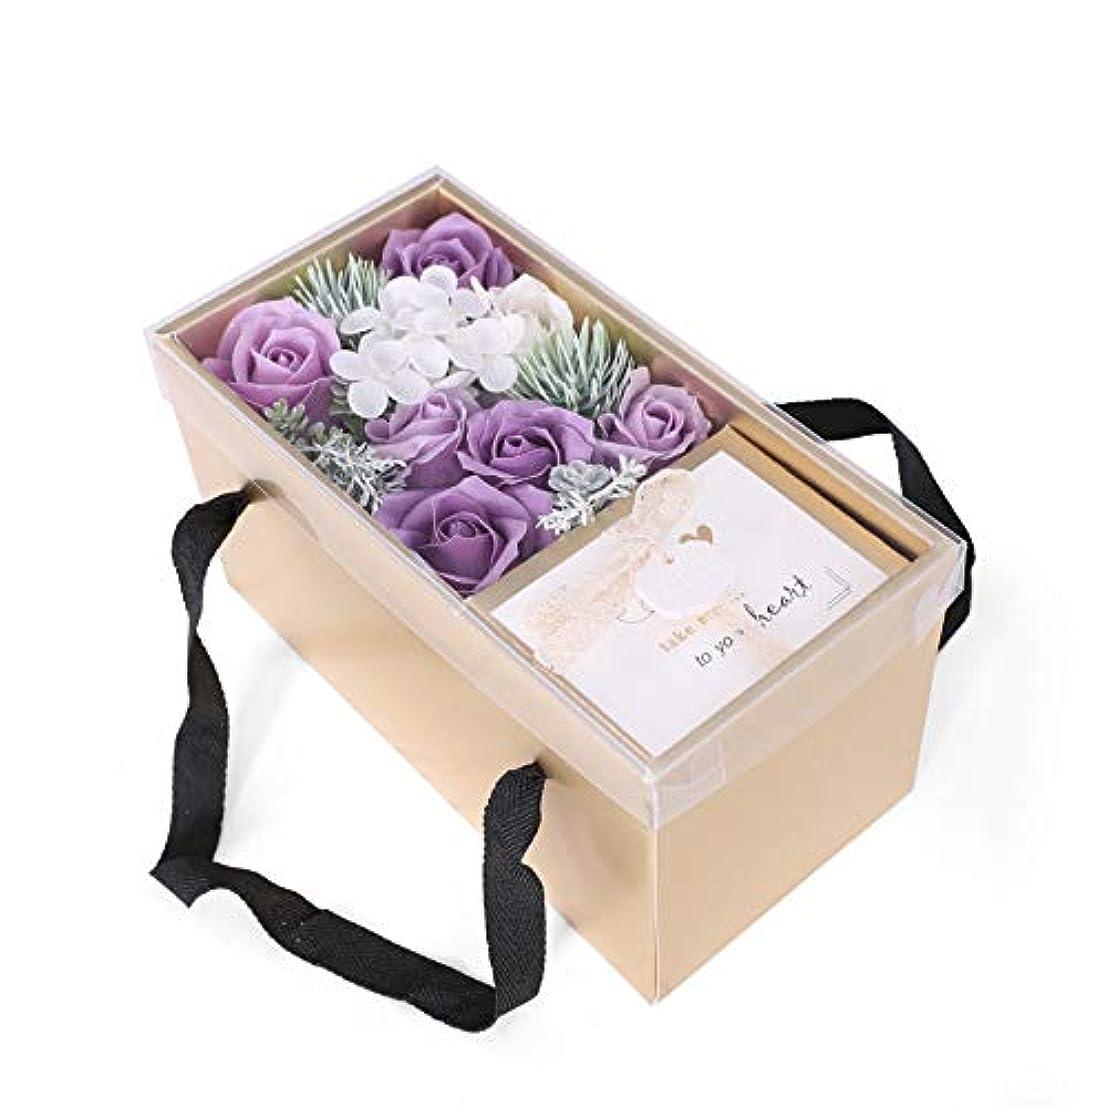 調和のとれた流すカーペット生地と花石鹸の花 バスソープフラワーローズフラワーバレンタインデーのために必須ガールフレンド記念日誕生日母の日ポータブルギフトボックス (色 : 紫の)